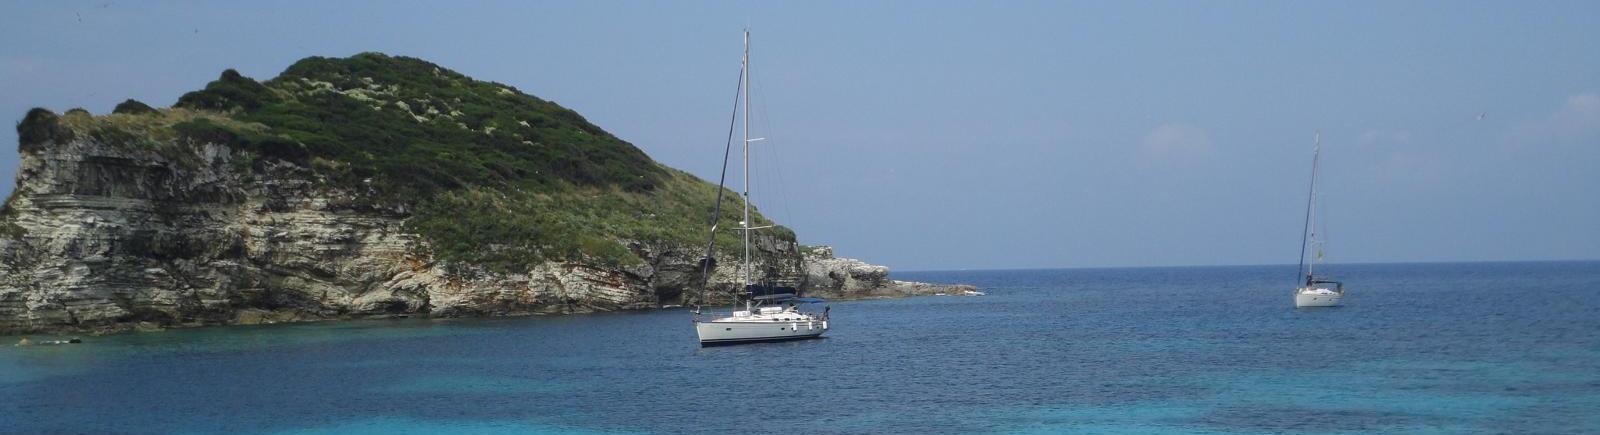 Segeln für junge Leute (20-35) Korfu / Ionisches Meer